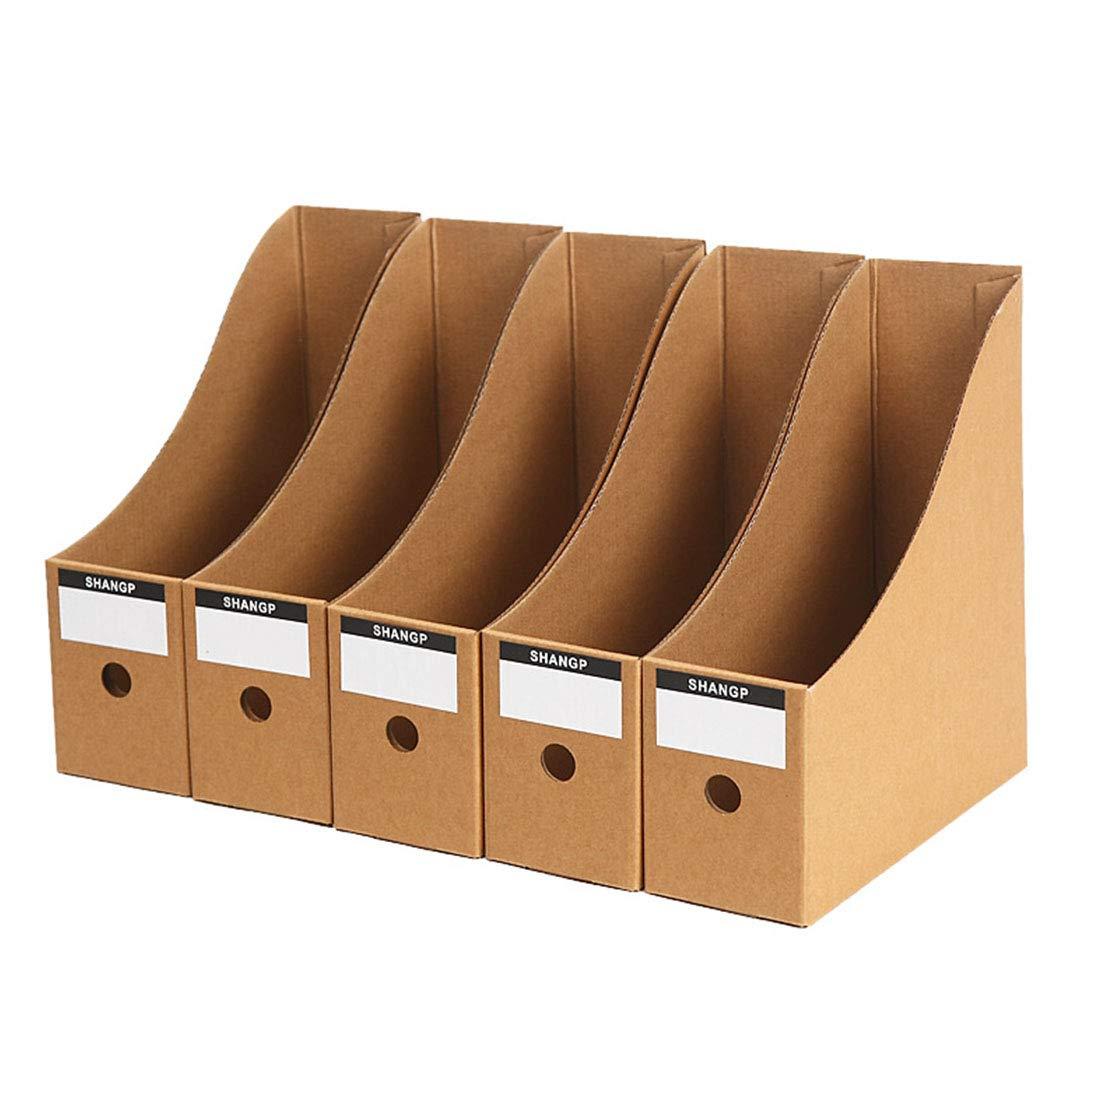 方朝日スポーツ用品店 5フォルダファイル統合ボックスストレージブックシェルフフォルダボックスオフィスクラフトペーパーデスクトップストレージボックスデータバスケット (Color : Paper)  Paper B07Q3R1W8H